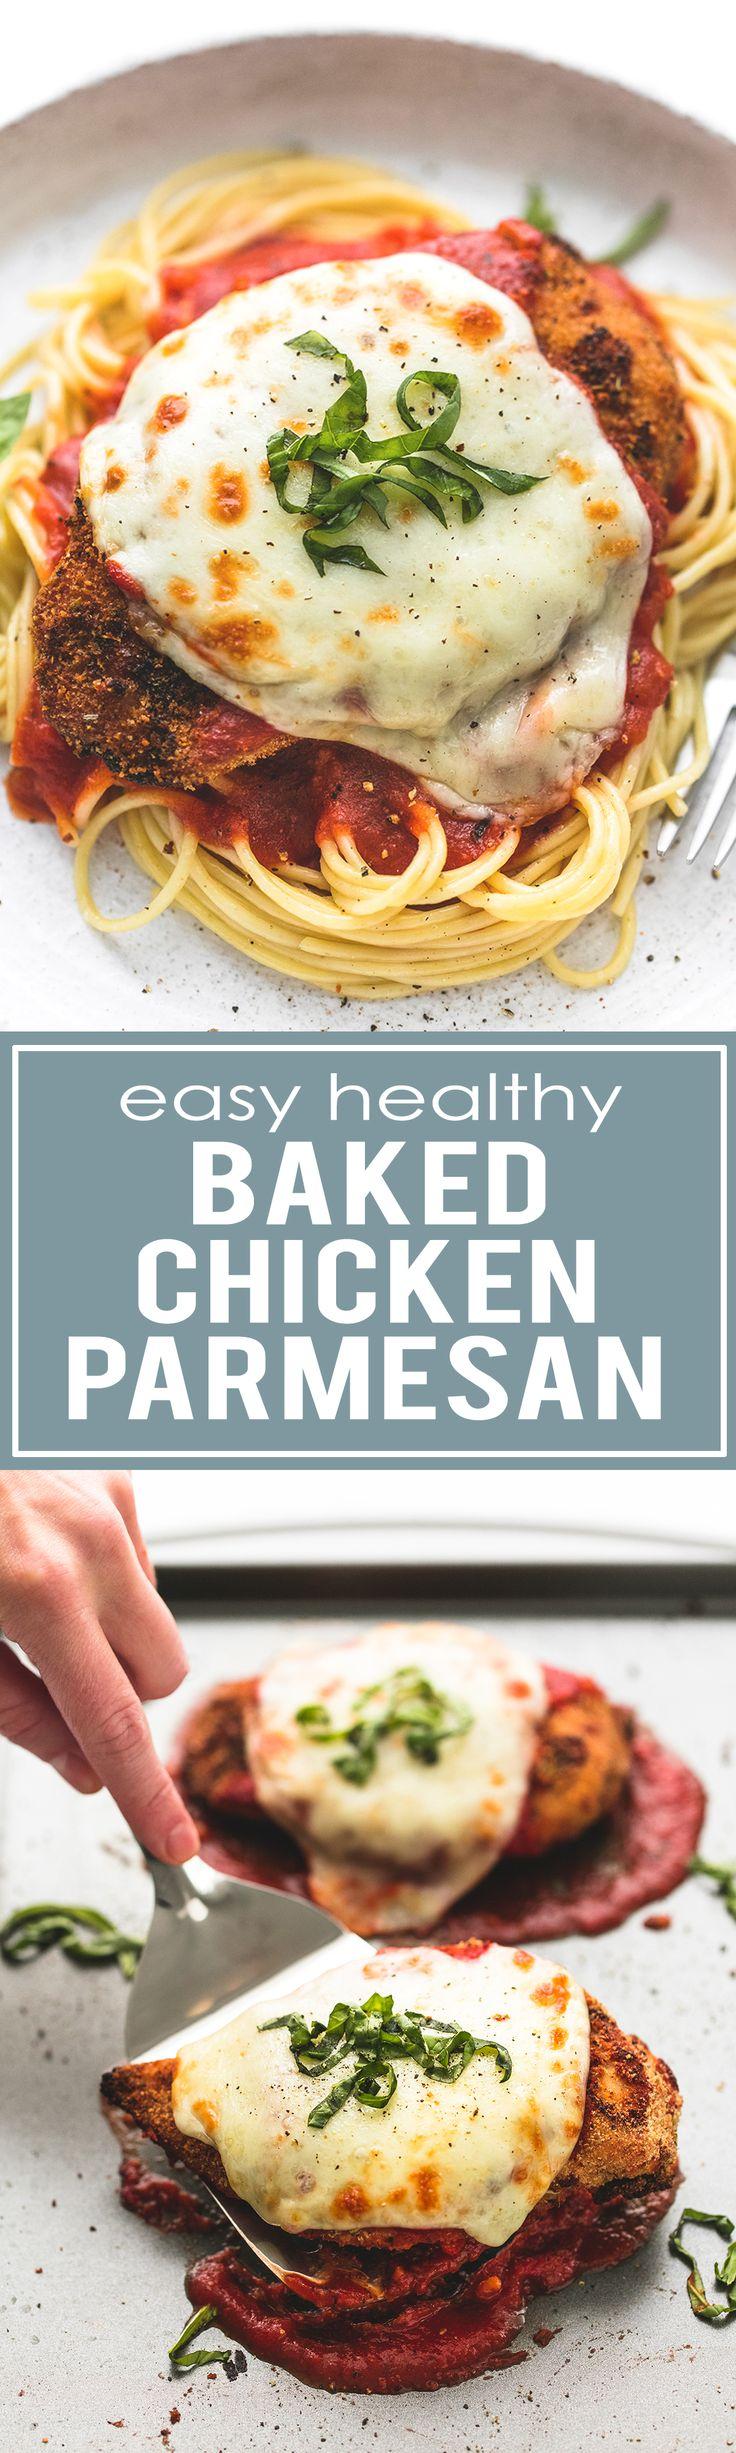 Easy Healthy Baked Chicken Parmesan | lecremedelacrumb.com